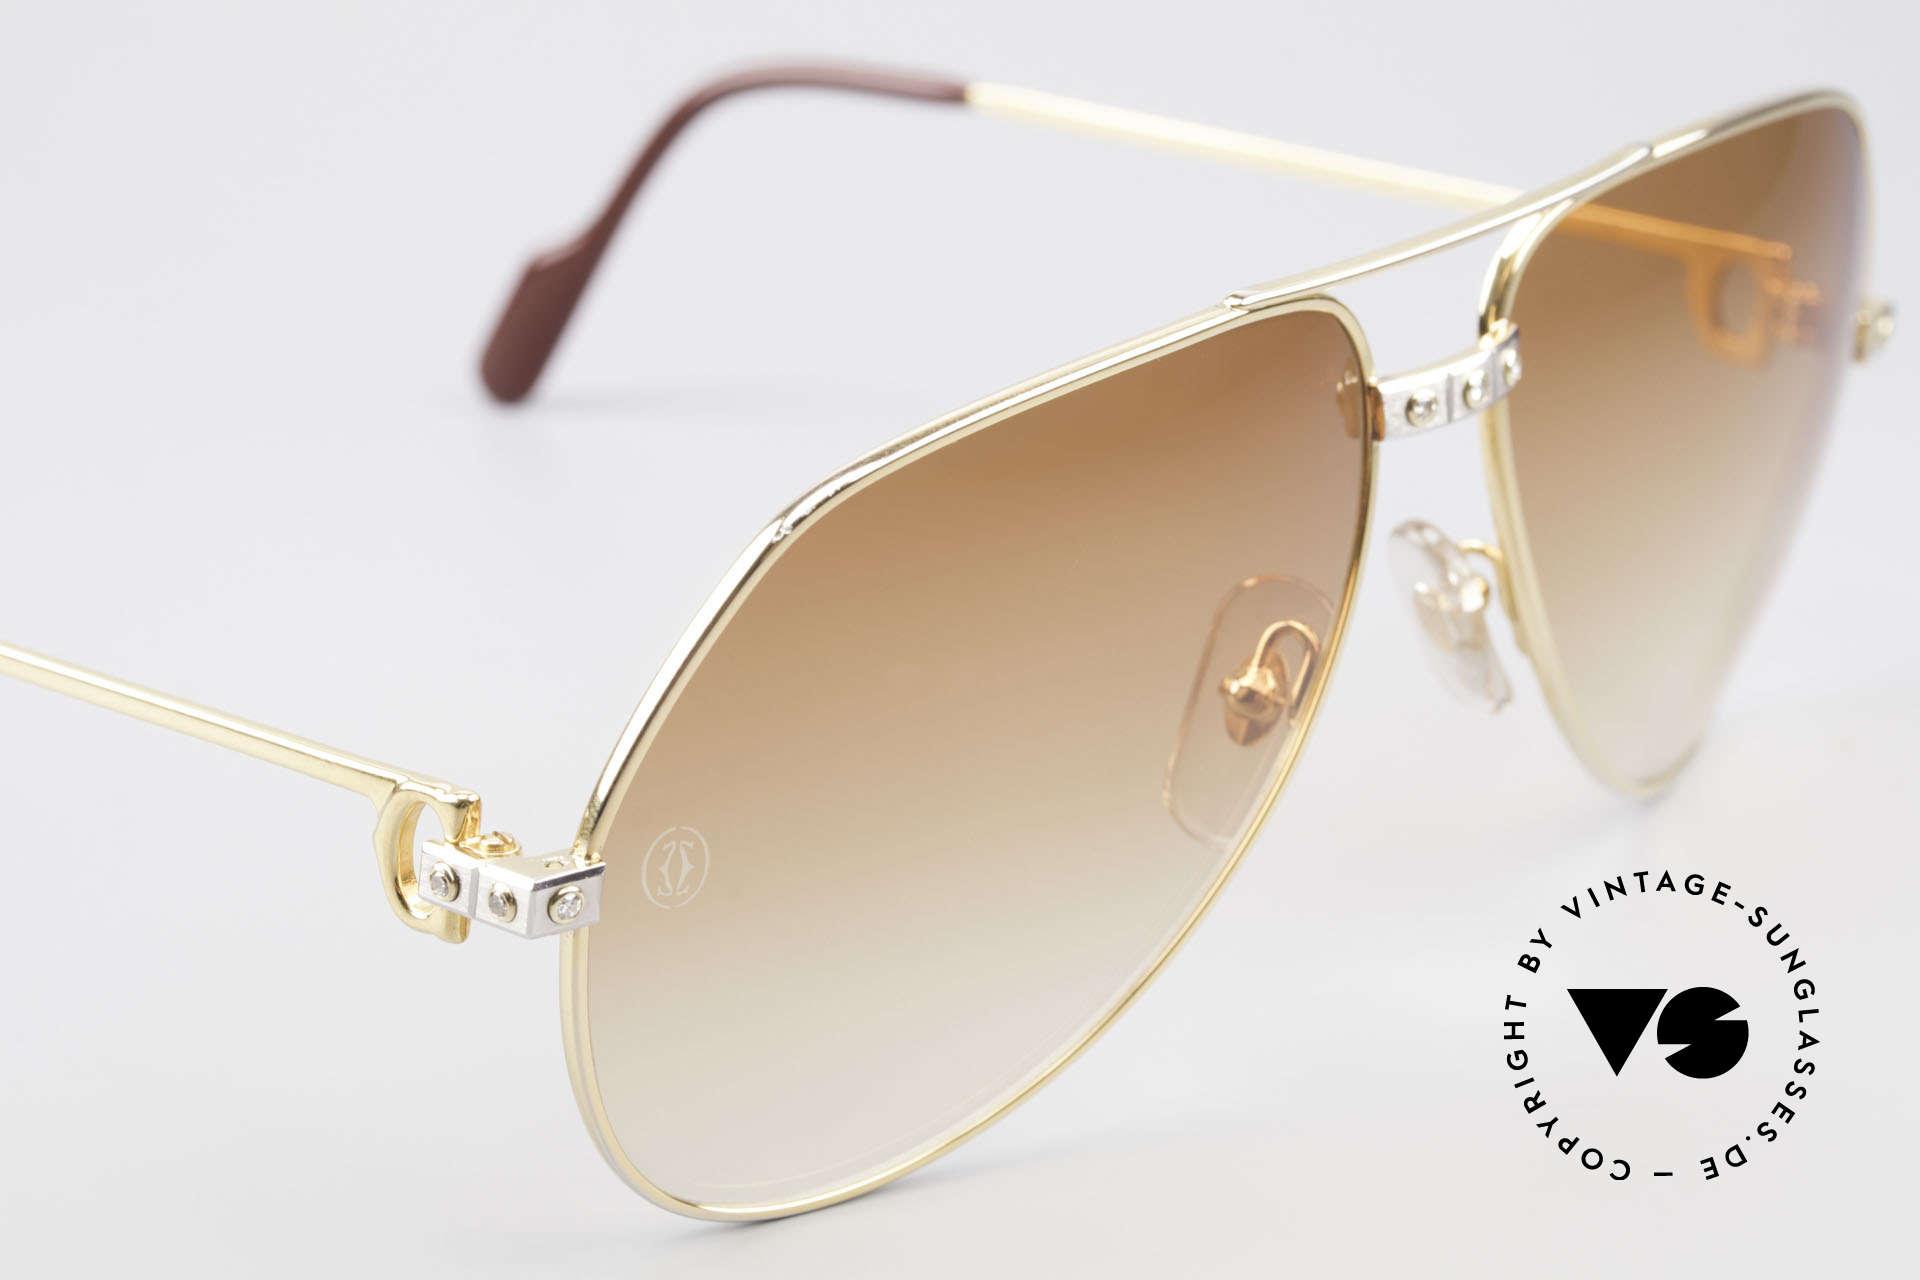 Cartier Vendome Santos - L Luxus Diamanten Sonnenbrille, auf Kundenwunsch veredeltes Original und somit Unikat, Passend für Herren